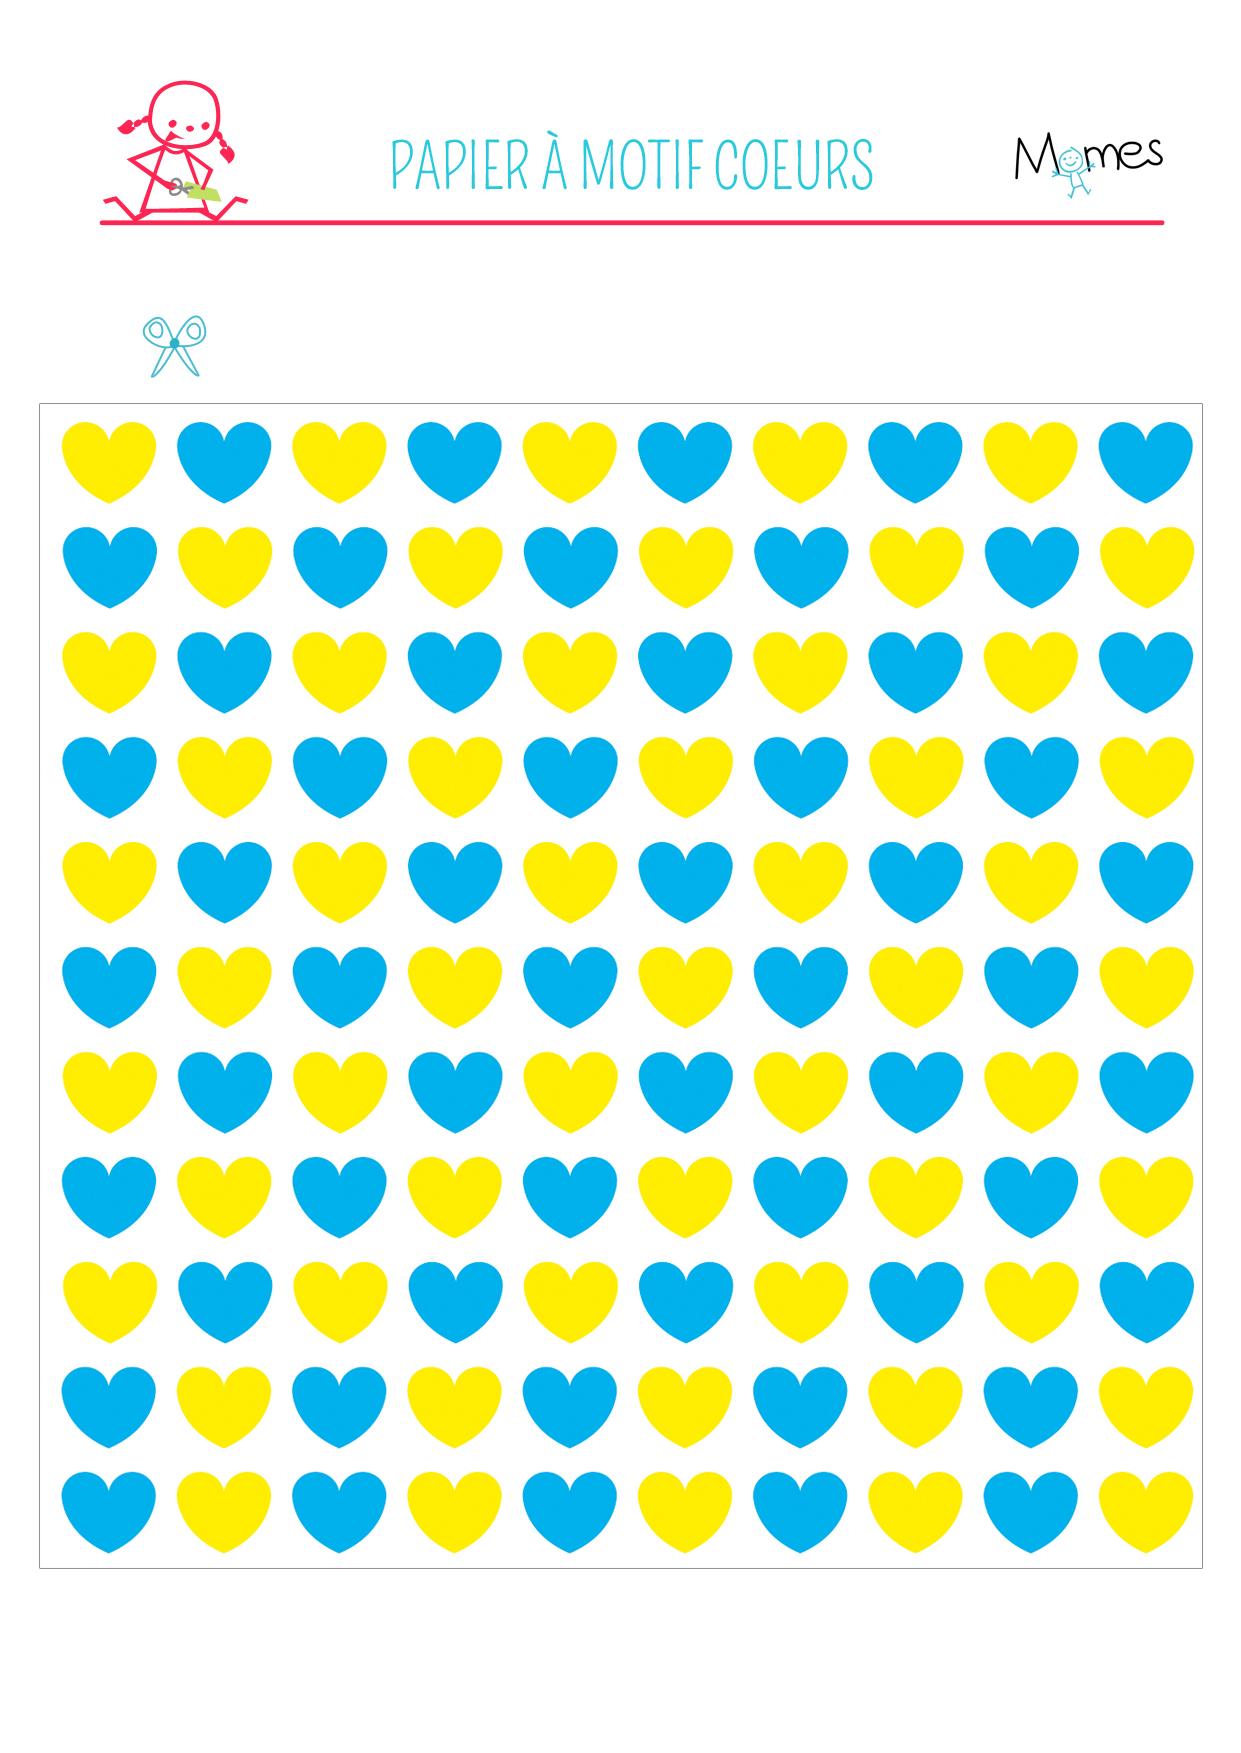 Papier motif coeurs à imprimer